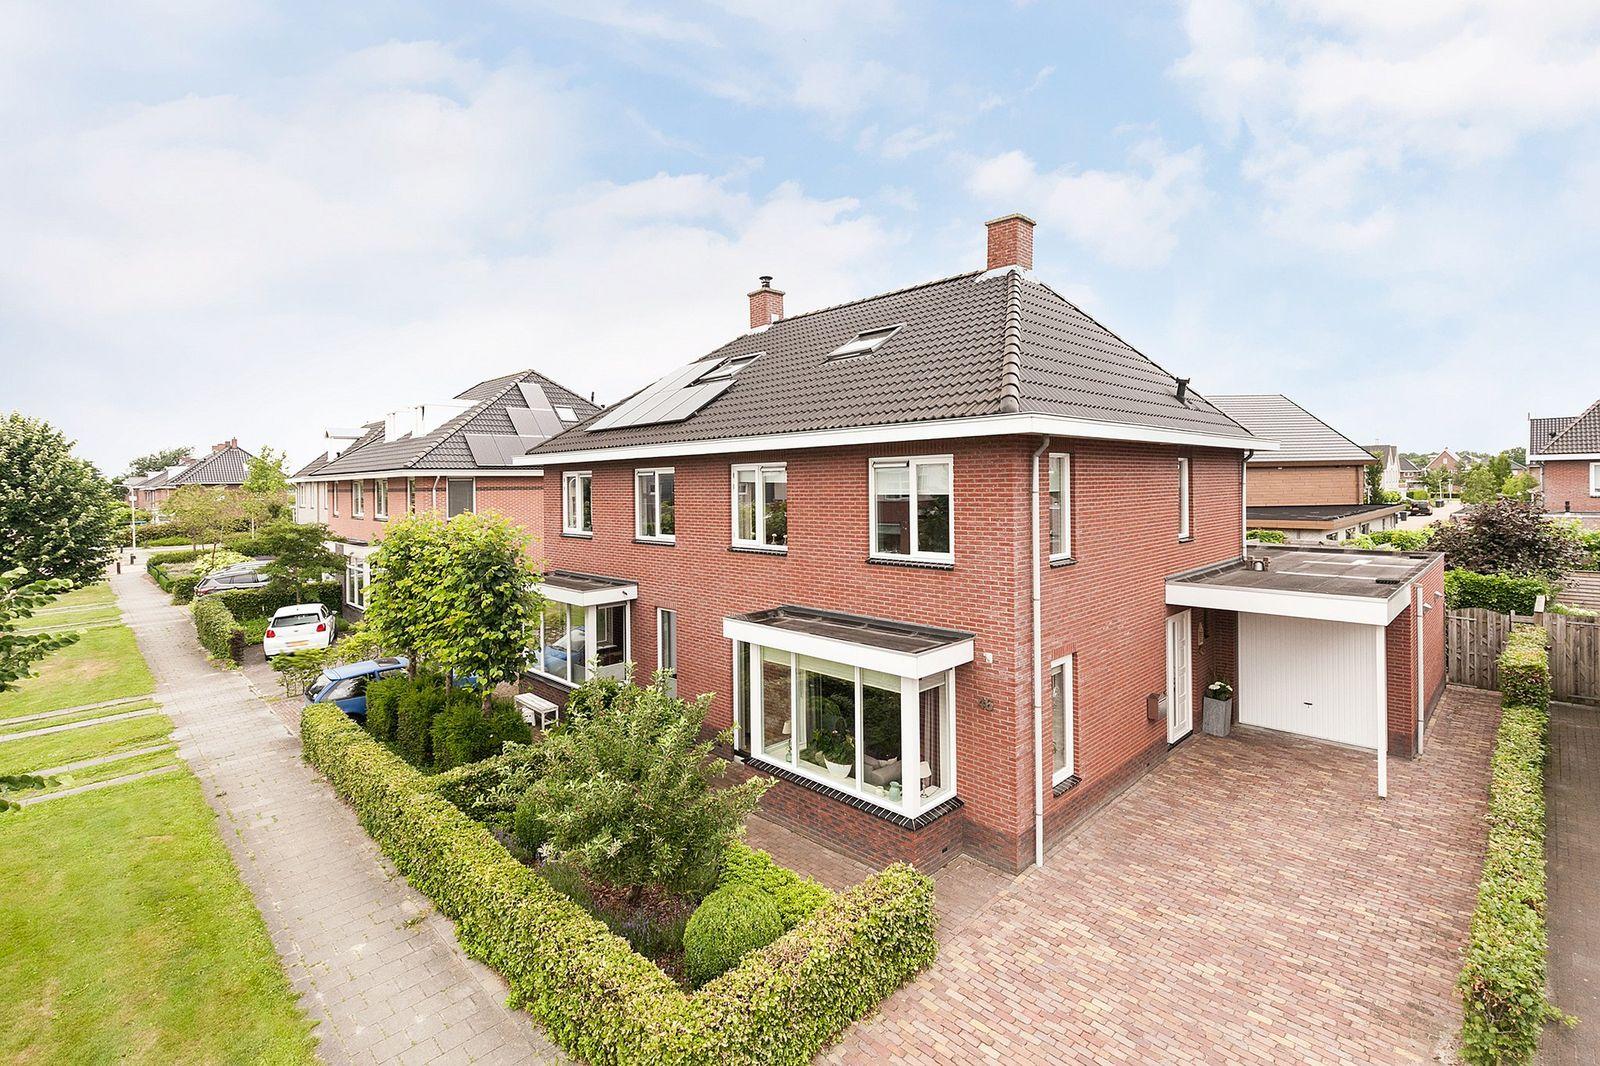 Carry van Bruggenweg 46, Assen